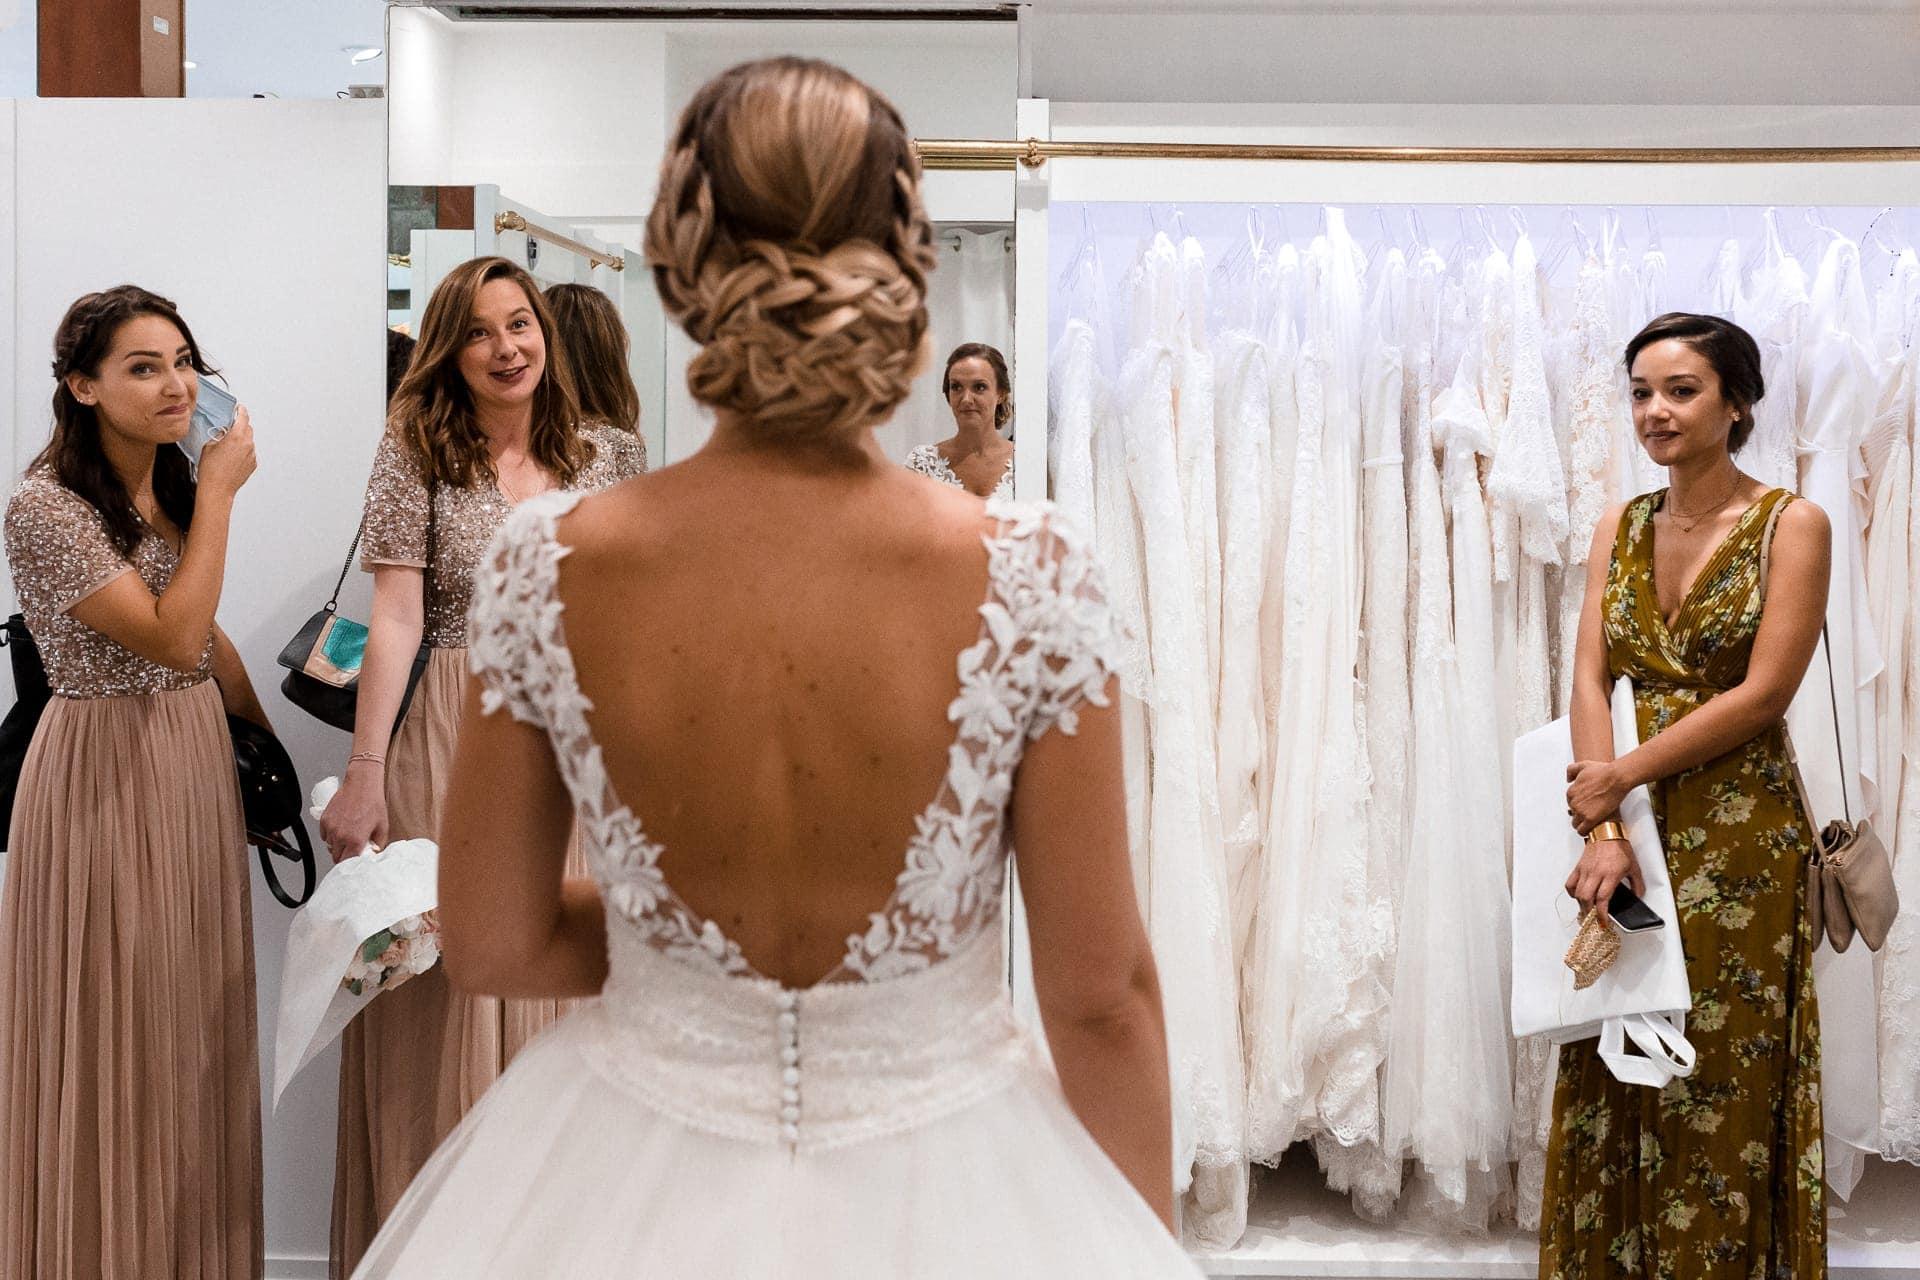 Les témoins découvrent la mariée. Reportage de mariage 2020 covid 19 avec masques par Ernestine et sa famille Marine Poron